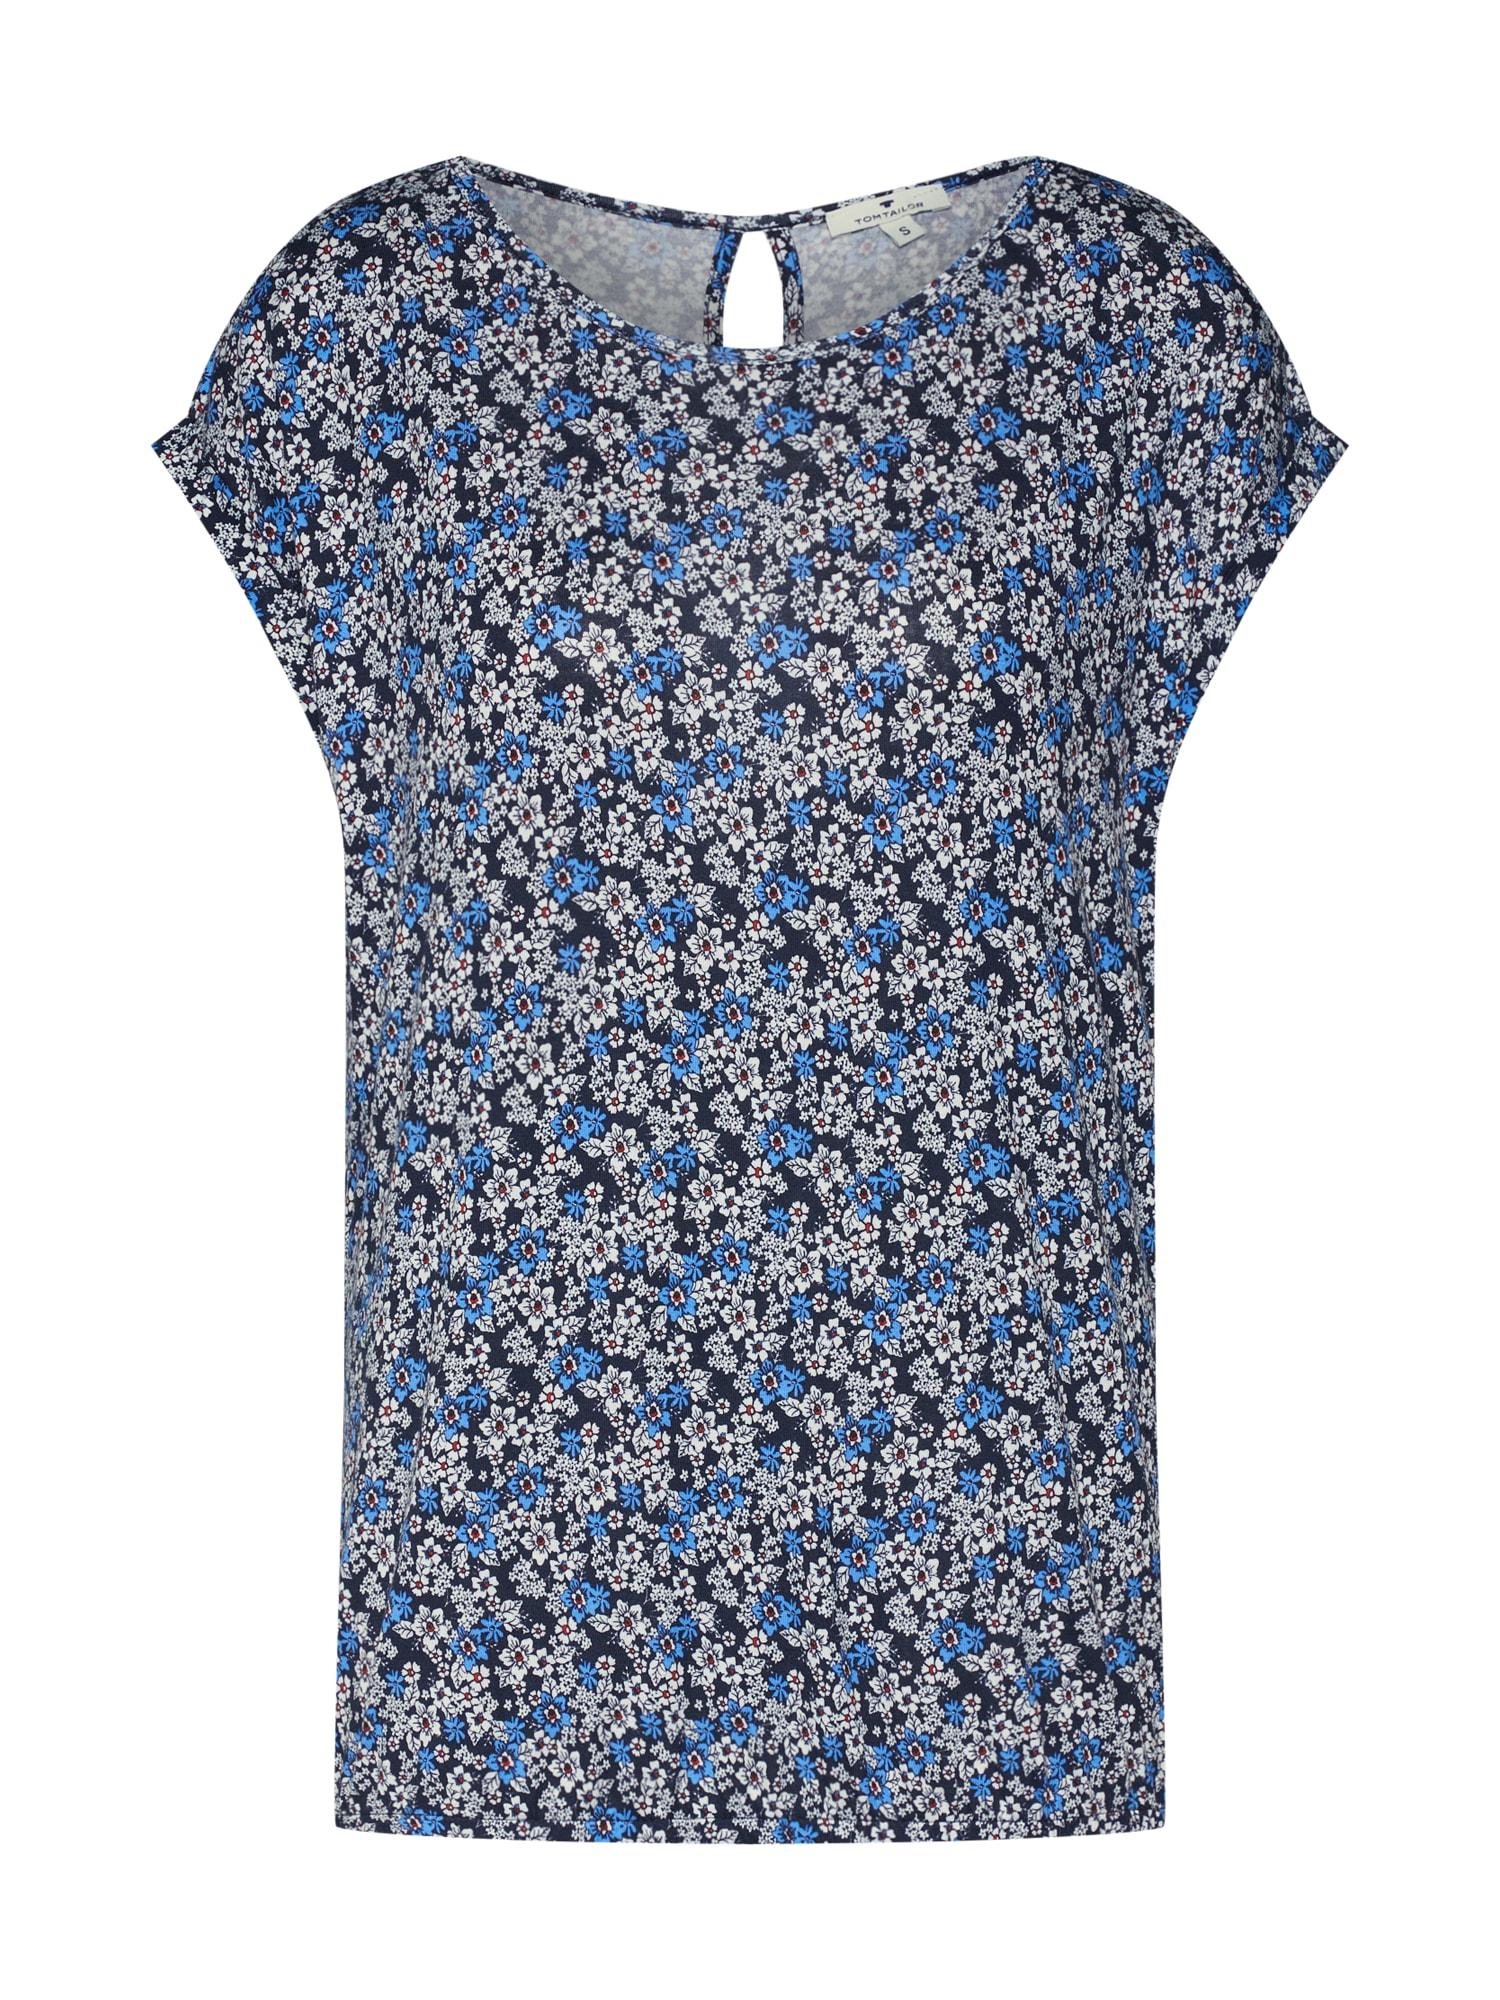 Tričko tmavě modrá mix barev TOM TAILOR